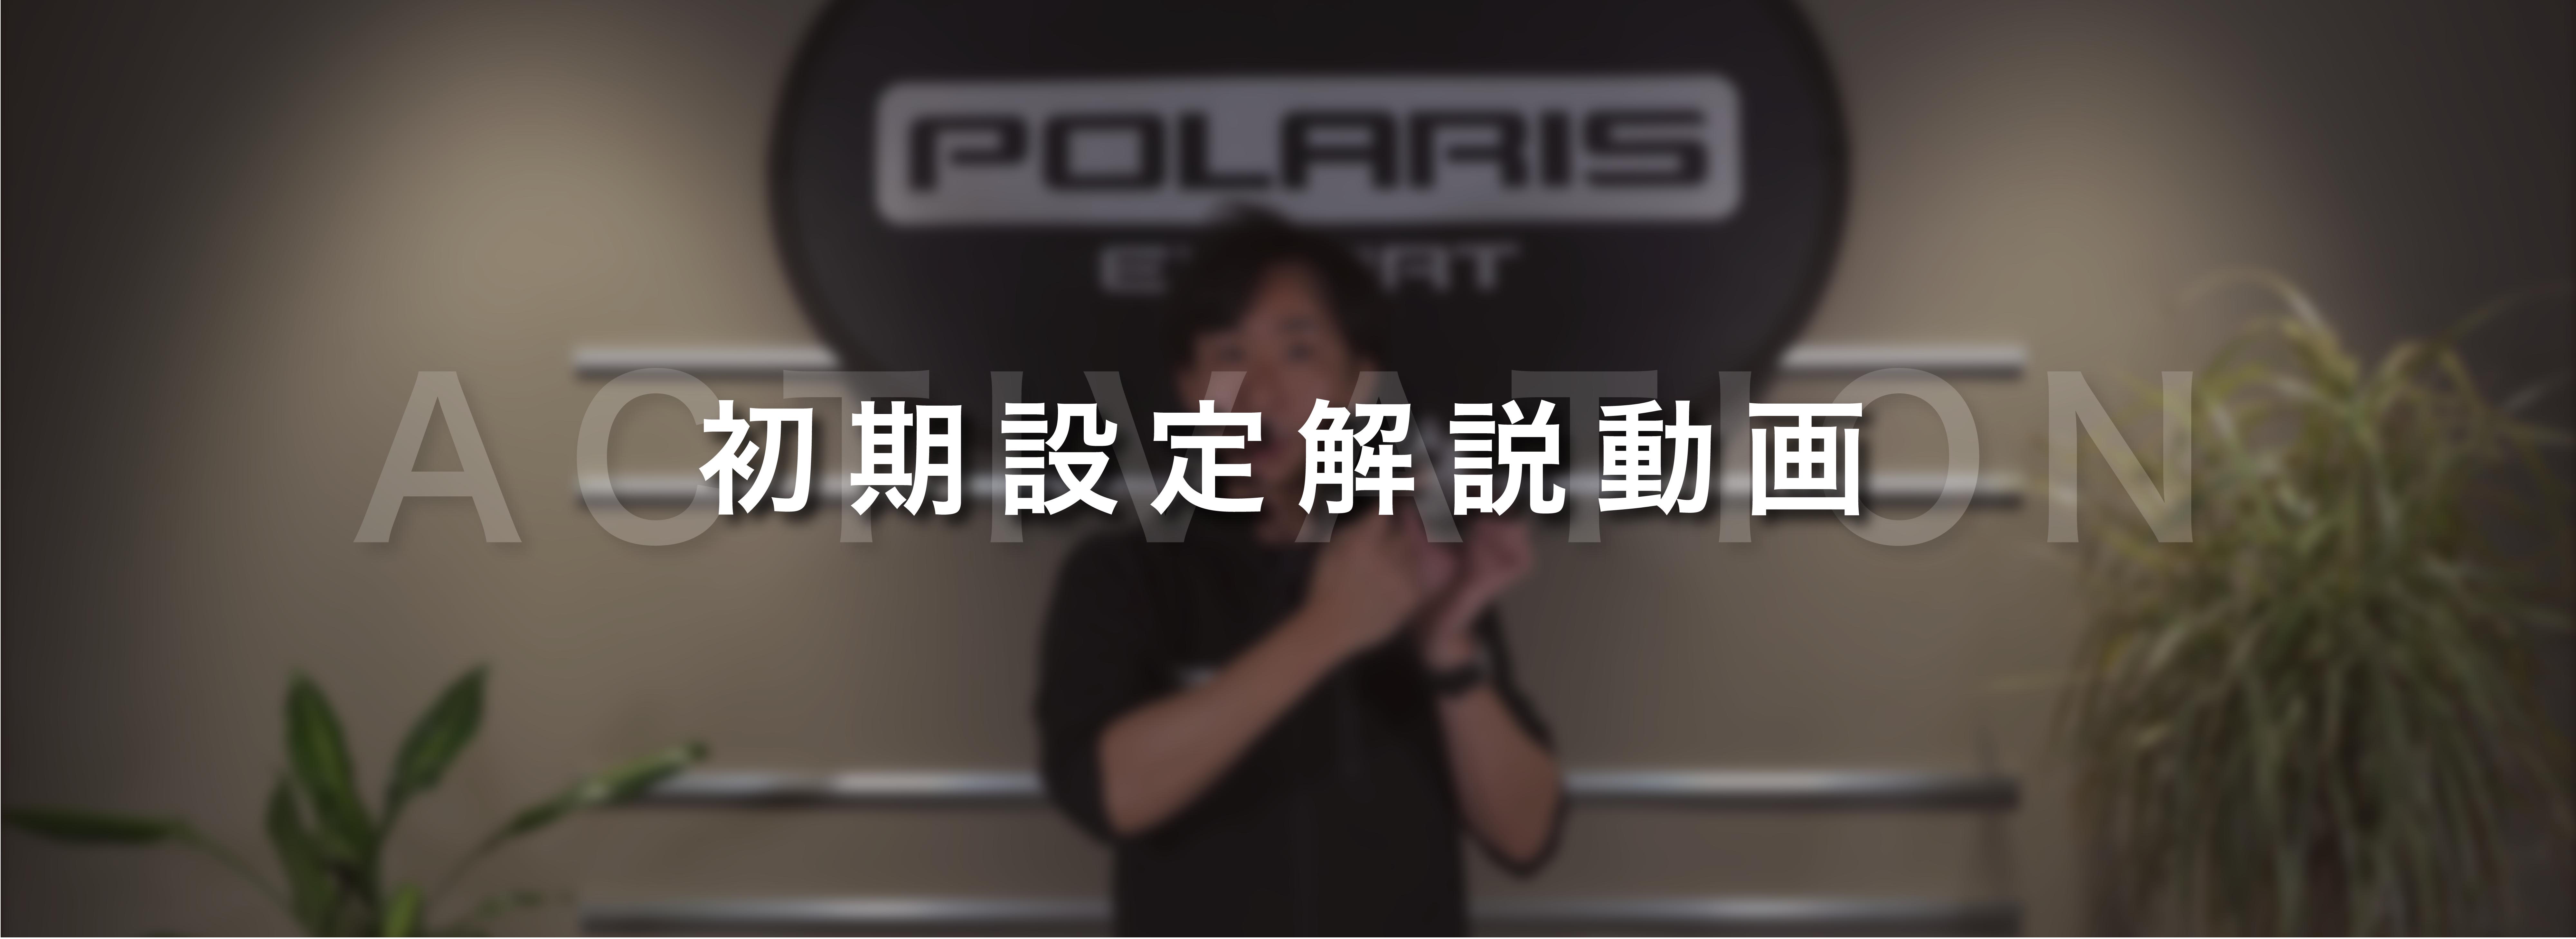 初期設定ビデオ